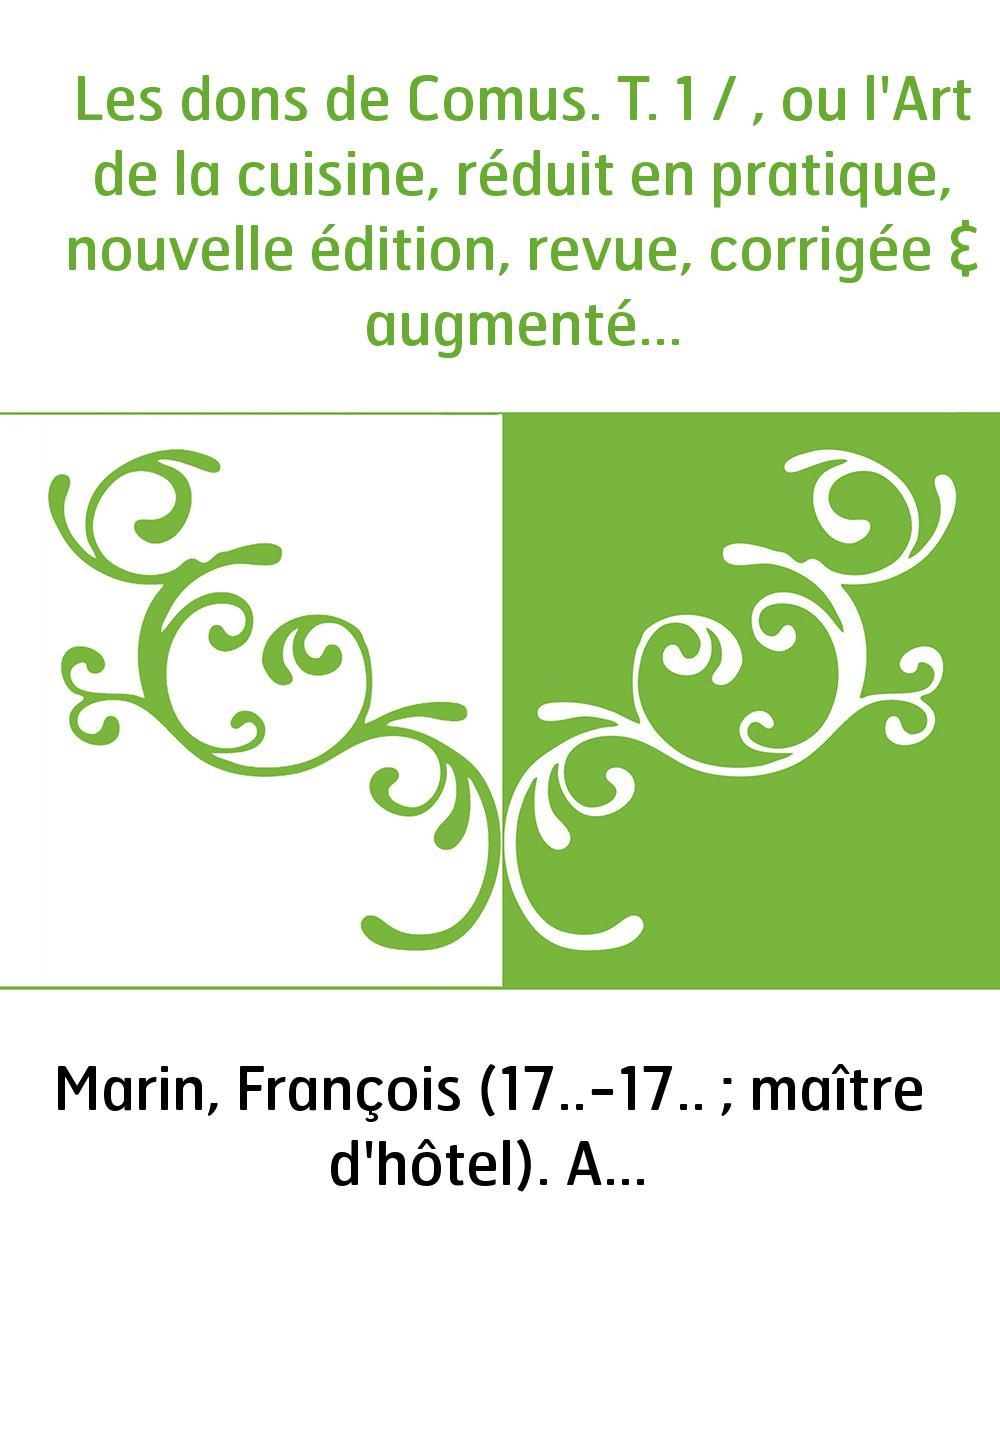 Les dons de Comus. T. 1 / , ou l'Art de la cuisine, réduit en pratique, nouvelle édition, revue, corrigée & augmentée par l'aute